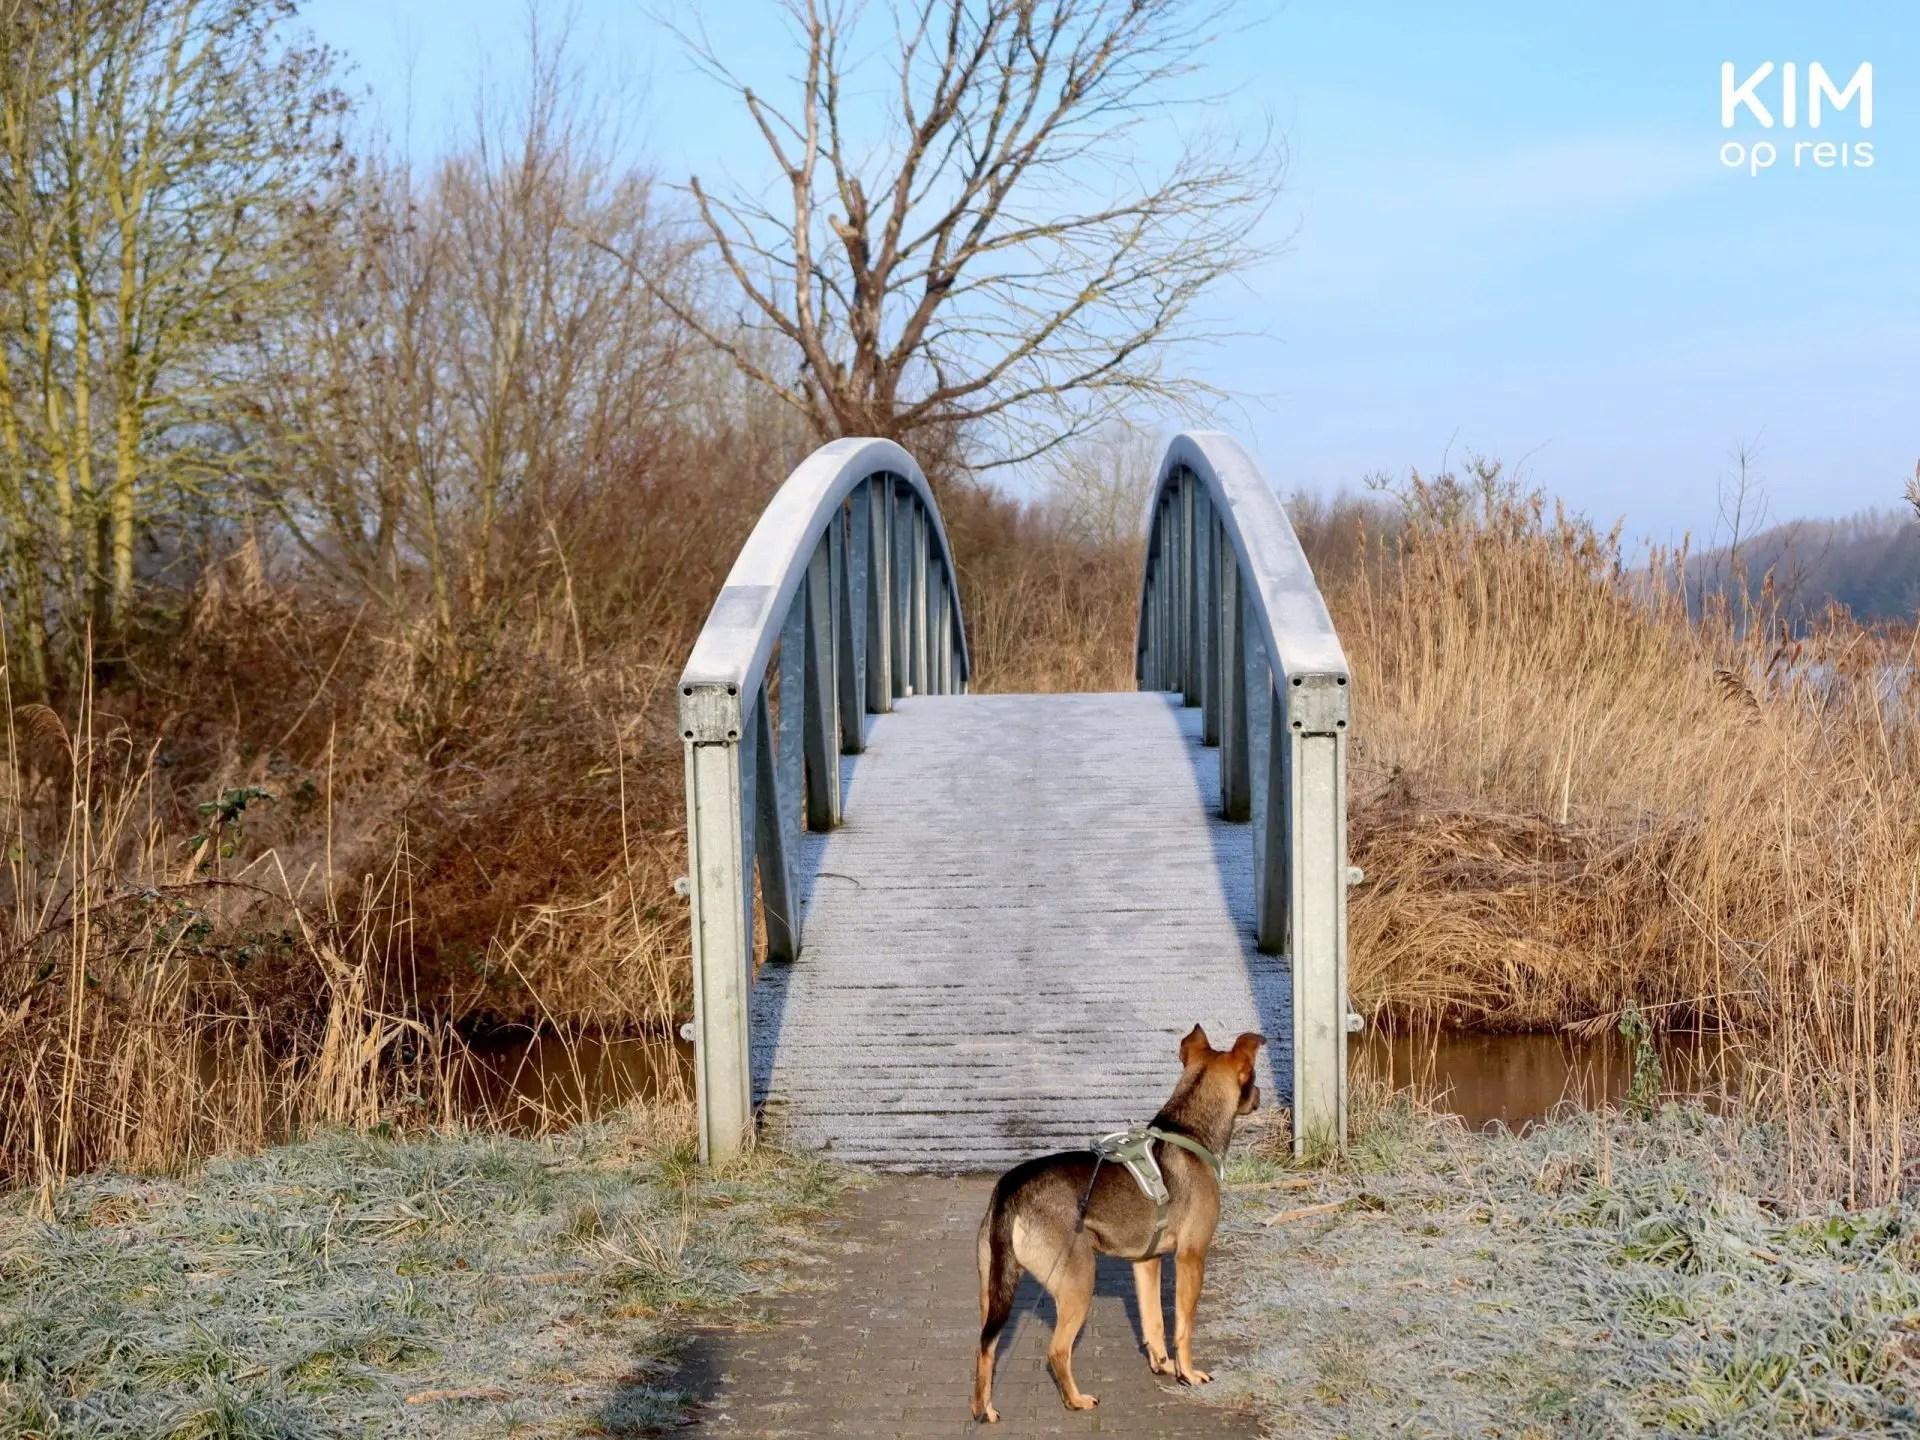 Stadsbossen Almere wandelroute hond brug: hond staat voor een bevroren brug te wachten